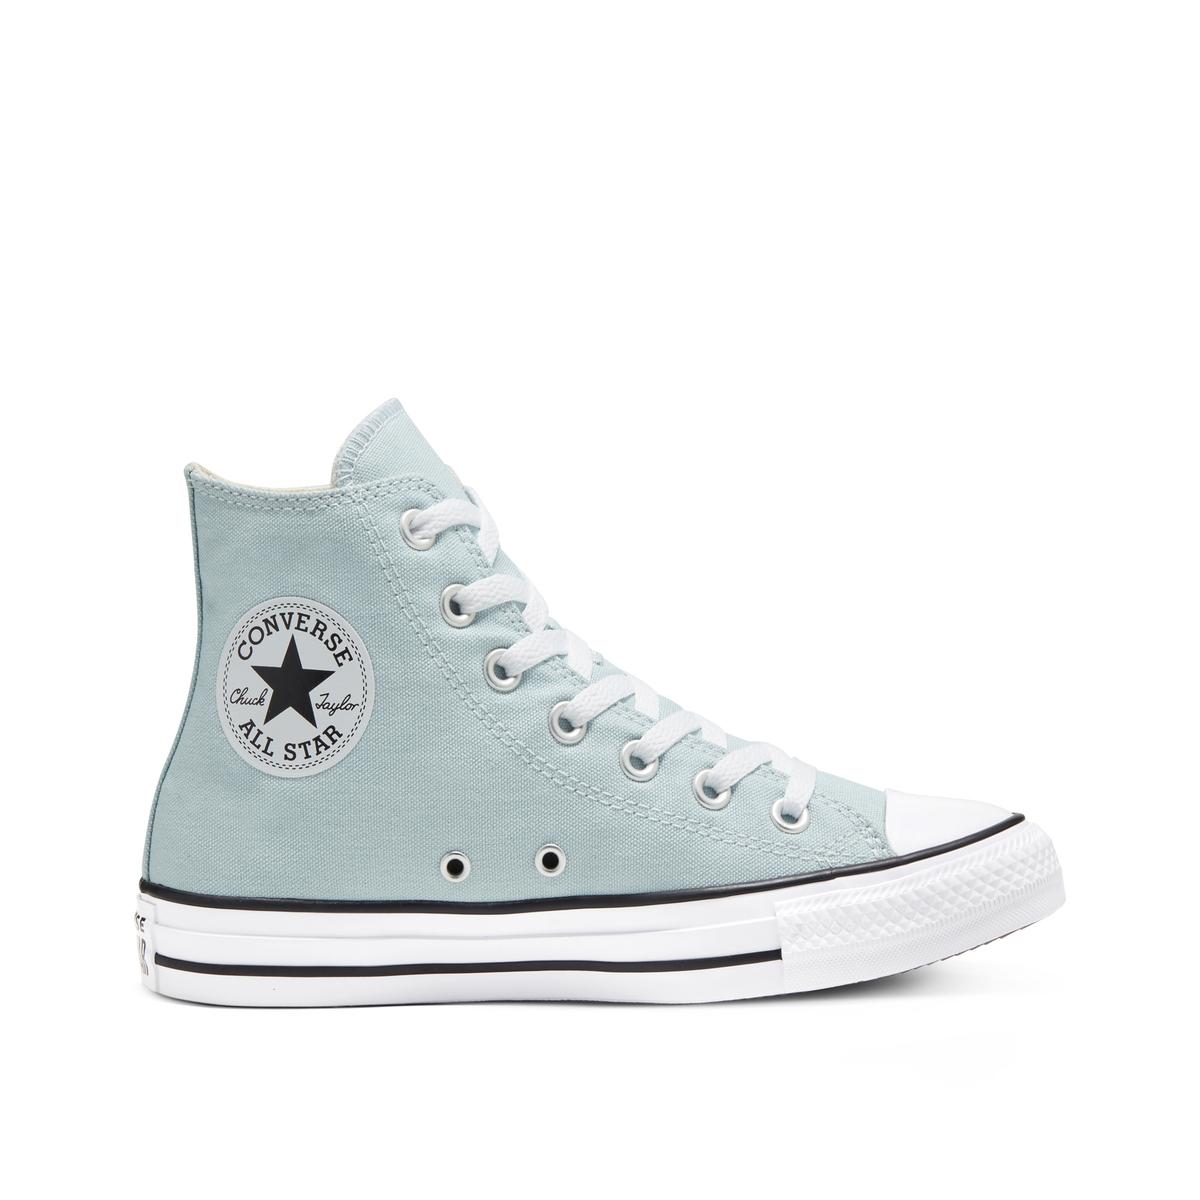 Zapatillas deportivas de caña alta Chuck Taylor All Star